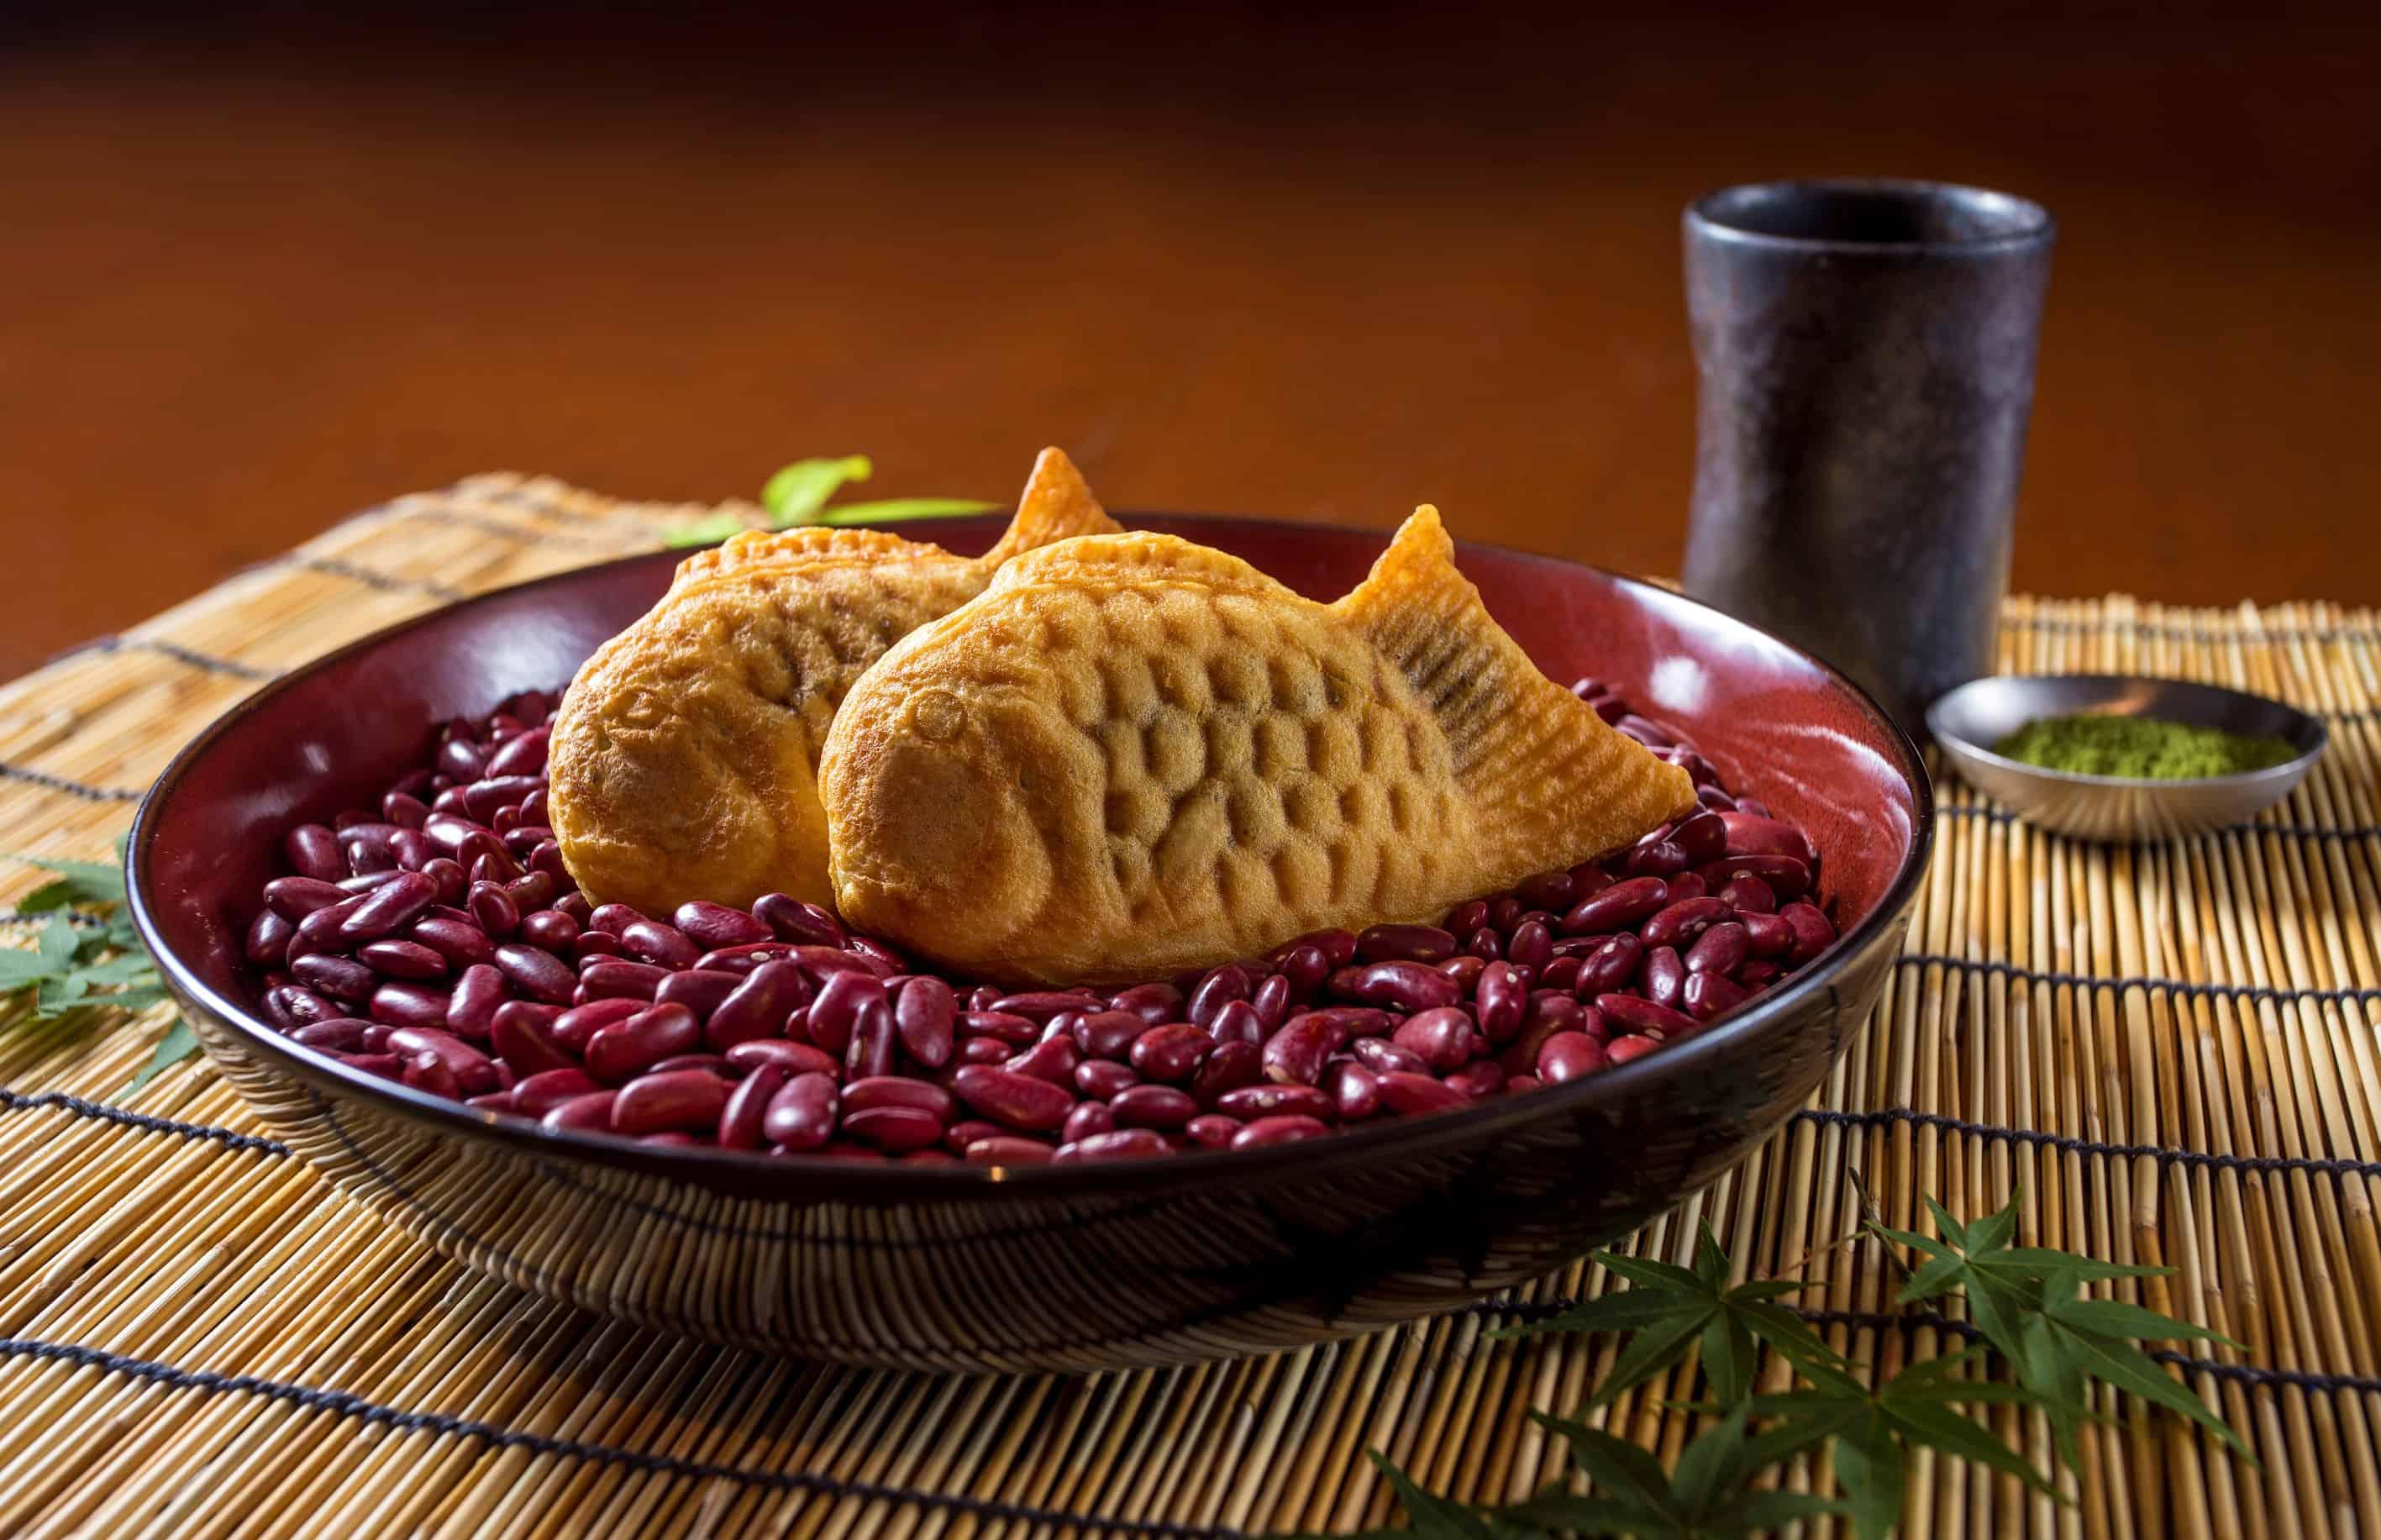 ไทยากิ (ขนมรูปปลาญี่ปุ่น) จาก โกจิ คิทเช่น + บาร์ (Goji Kitchen + Bar)